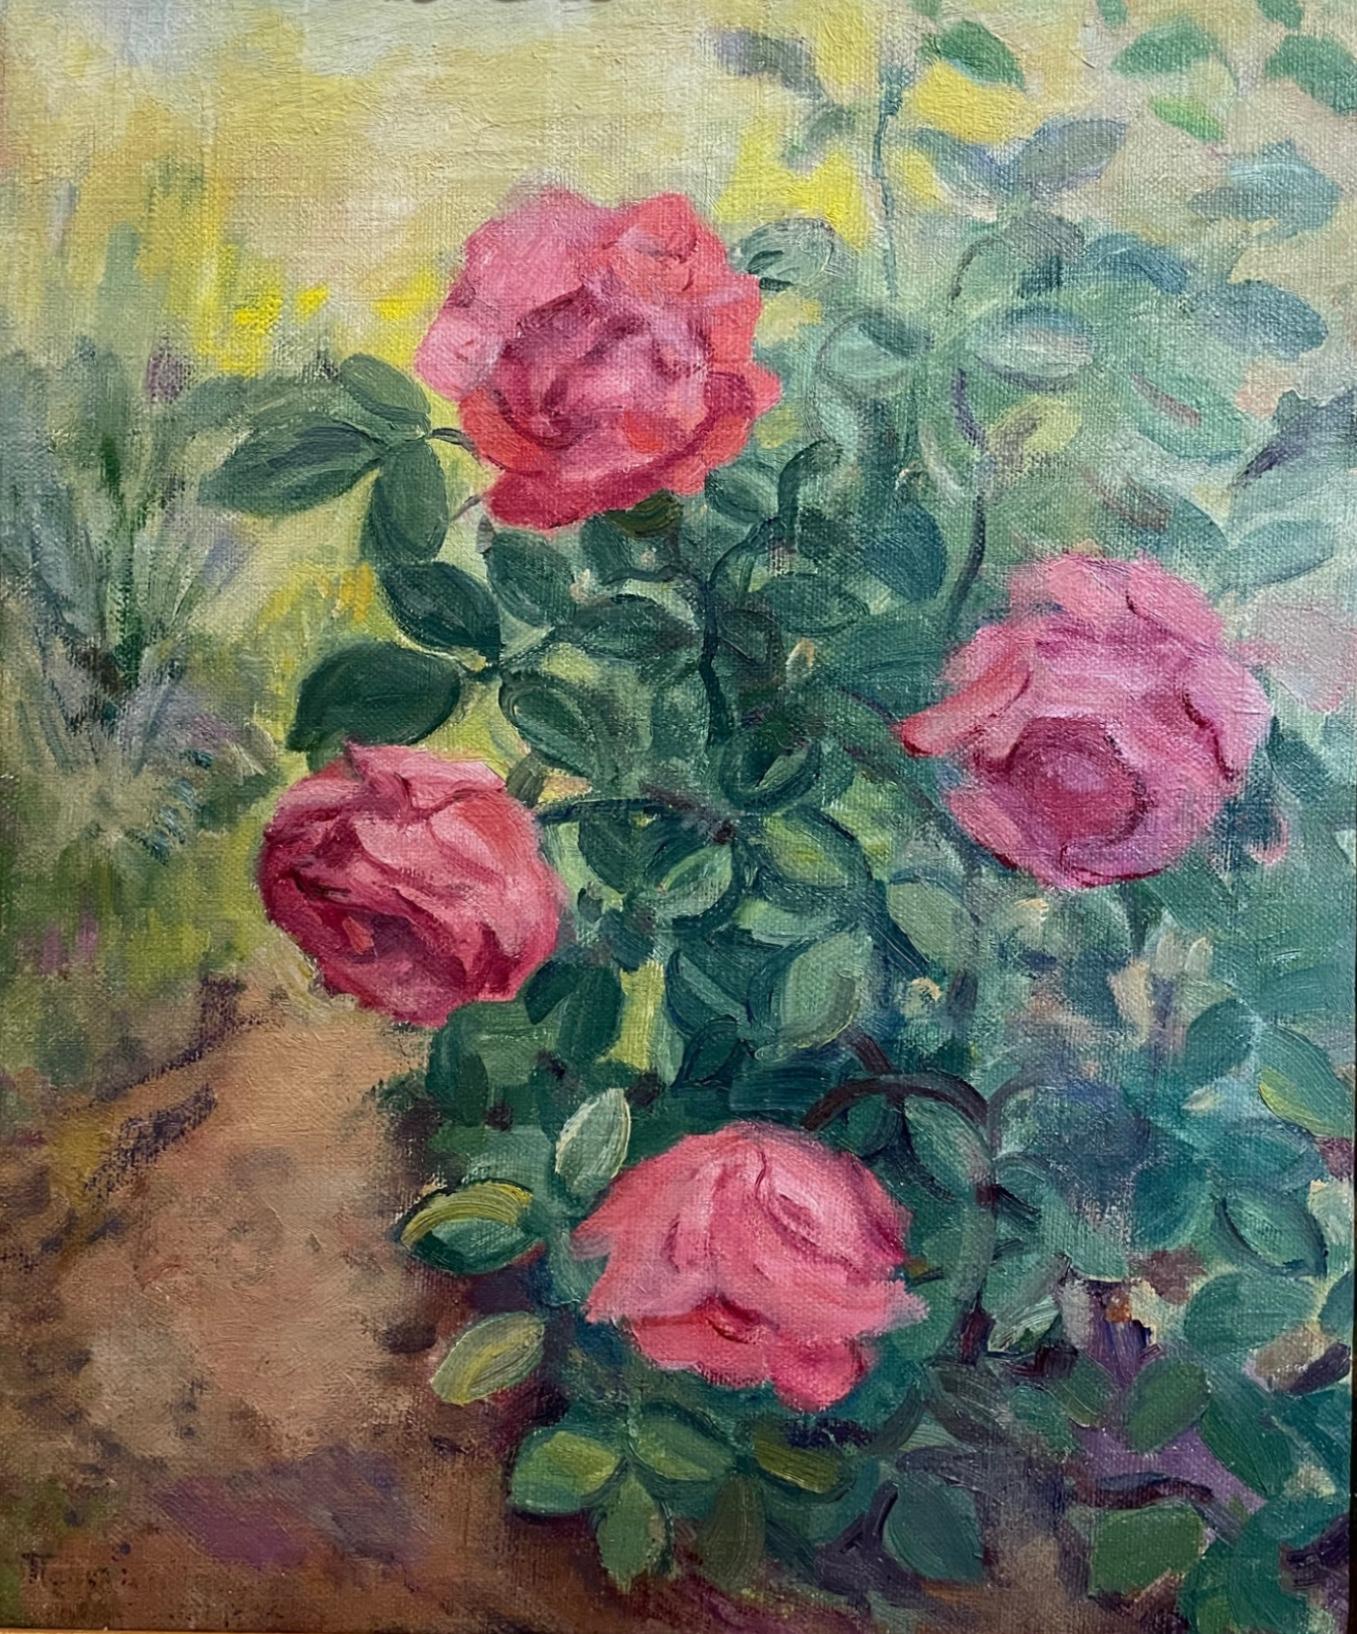 Кузнецов Павел Варфоломеевич. Розы на кусте